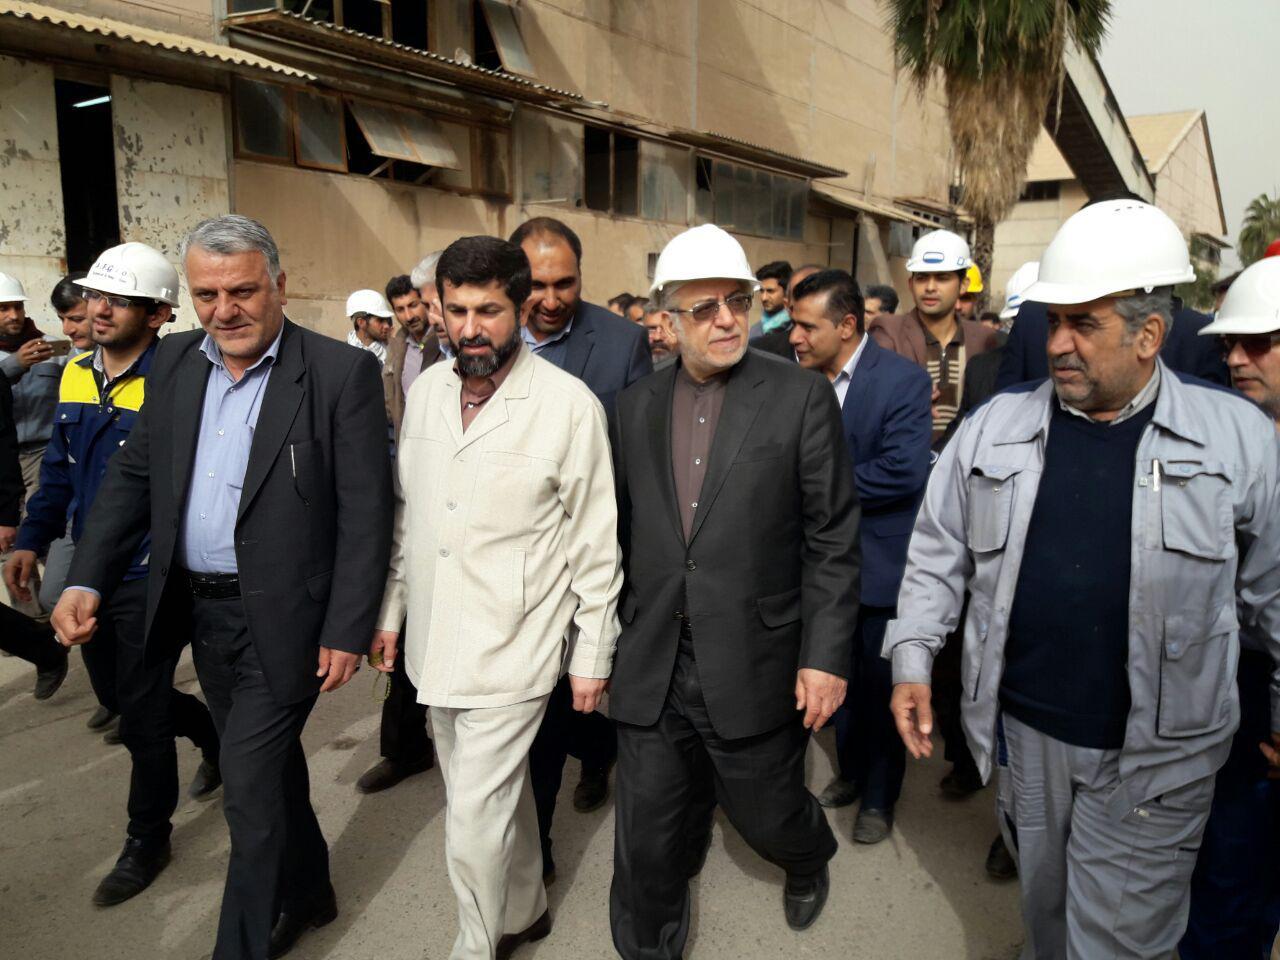 بازدید وزیر صنعت ،معدن و تجارت از روند اجرایی بازسازی و نوسازی کارخانه قند دزفول توسط ایدرو